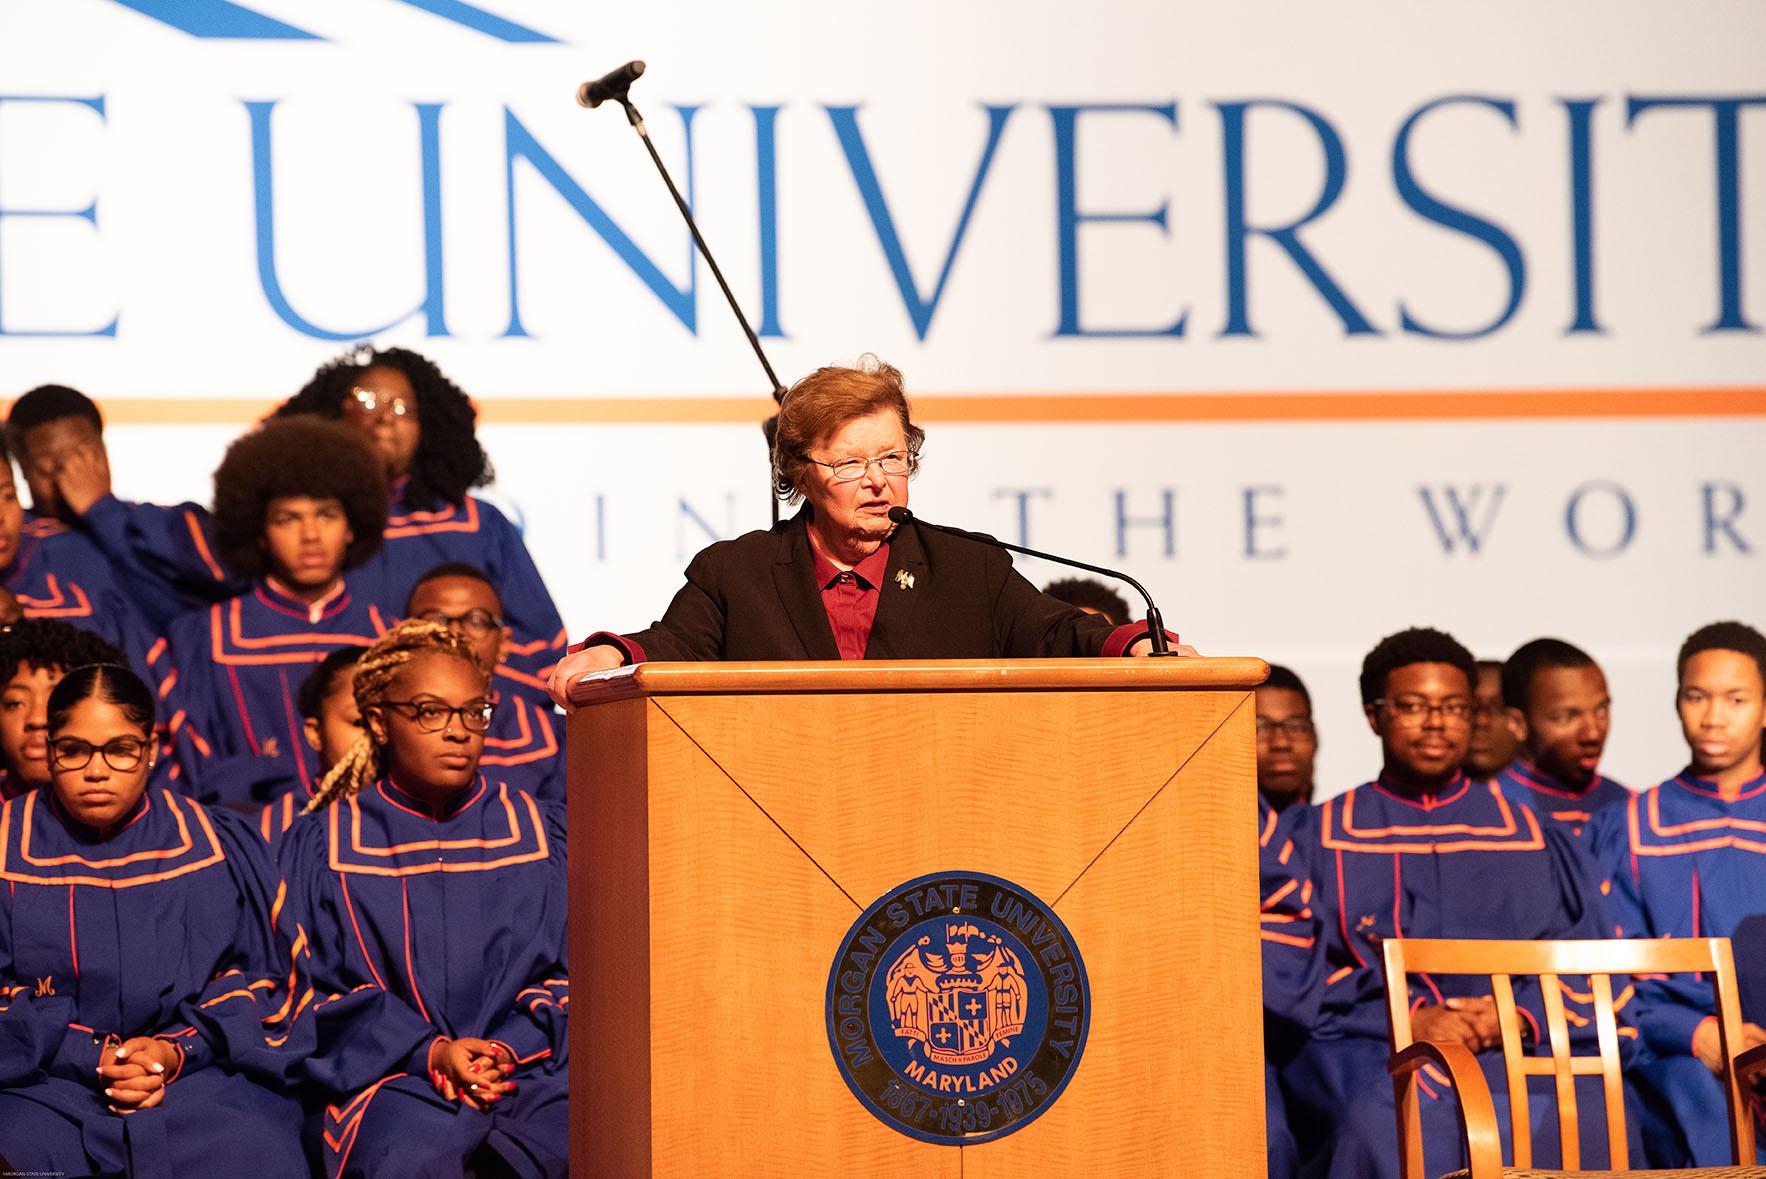 former Senator Barbara Mikulski